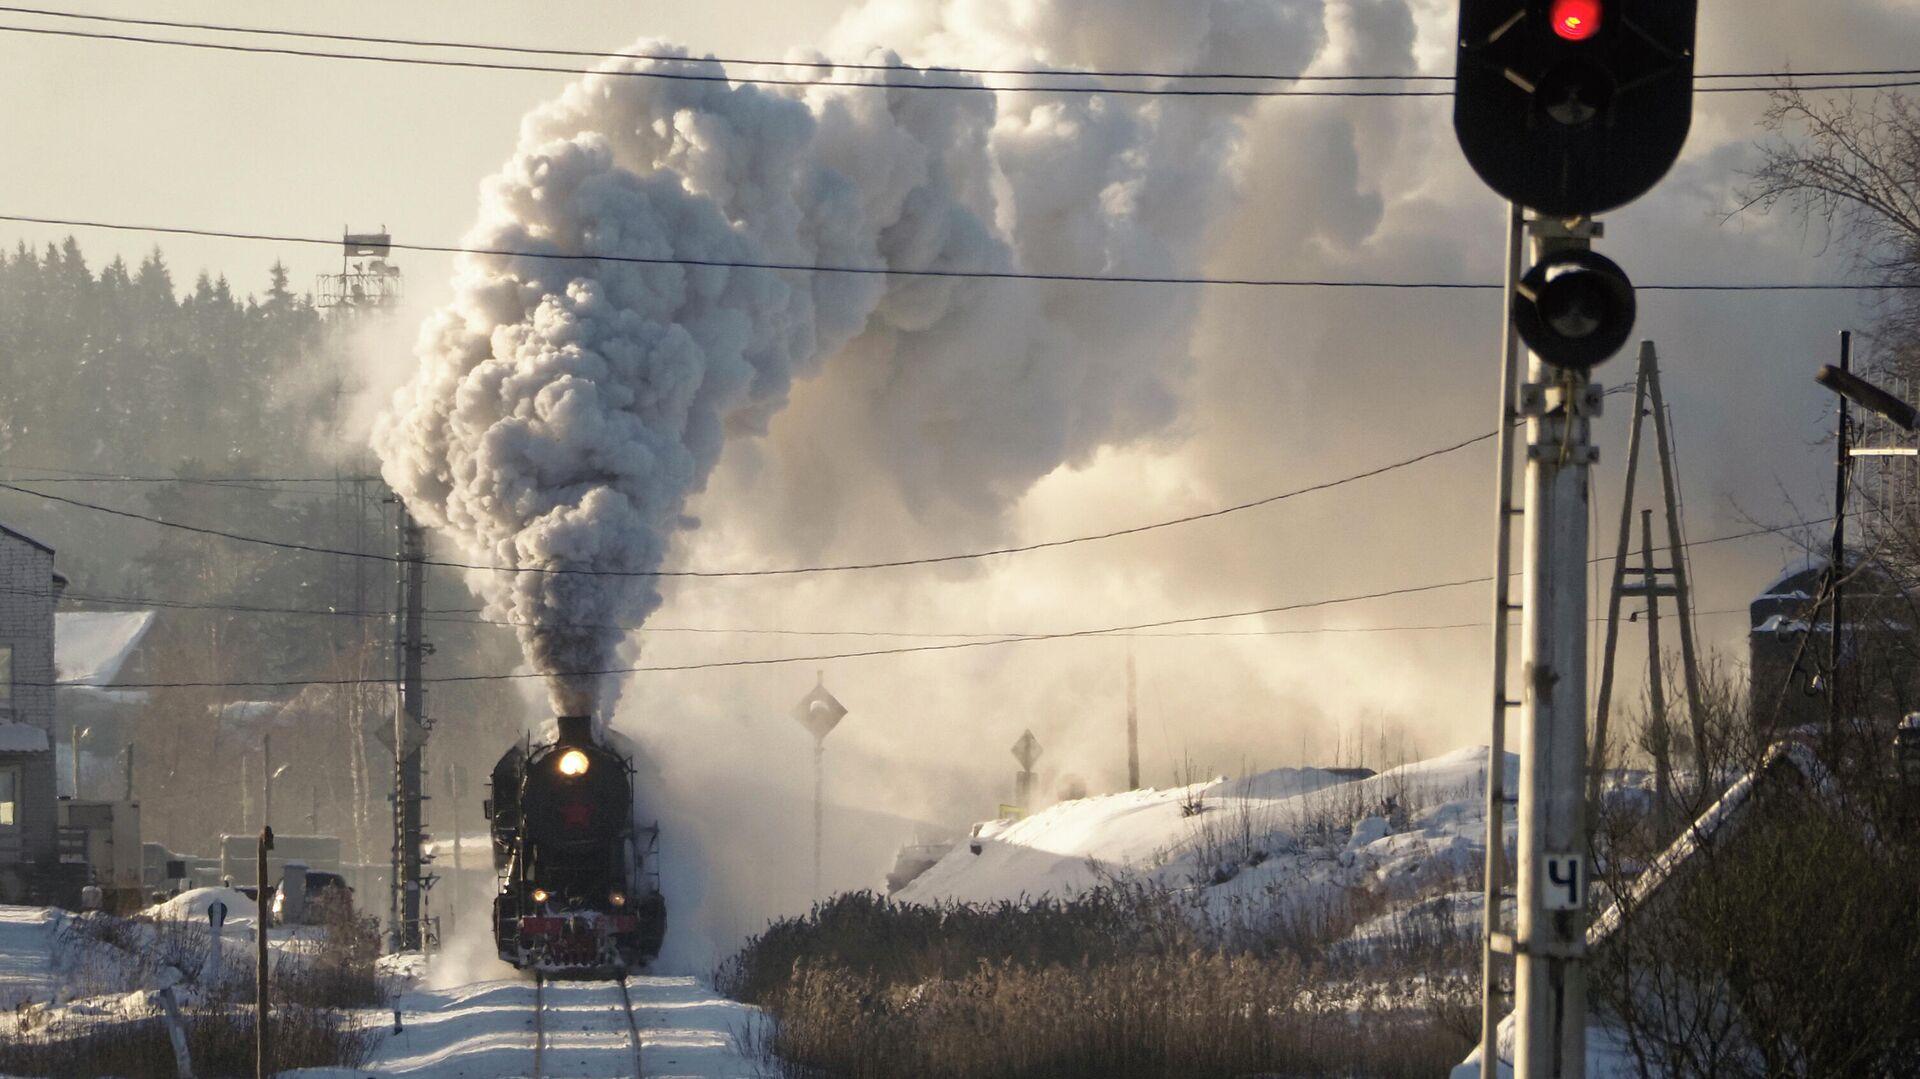 Ретро-поезд отправляется со станции Сортавала, Карелия  - РИА Новости, 1920, 04.05.2021